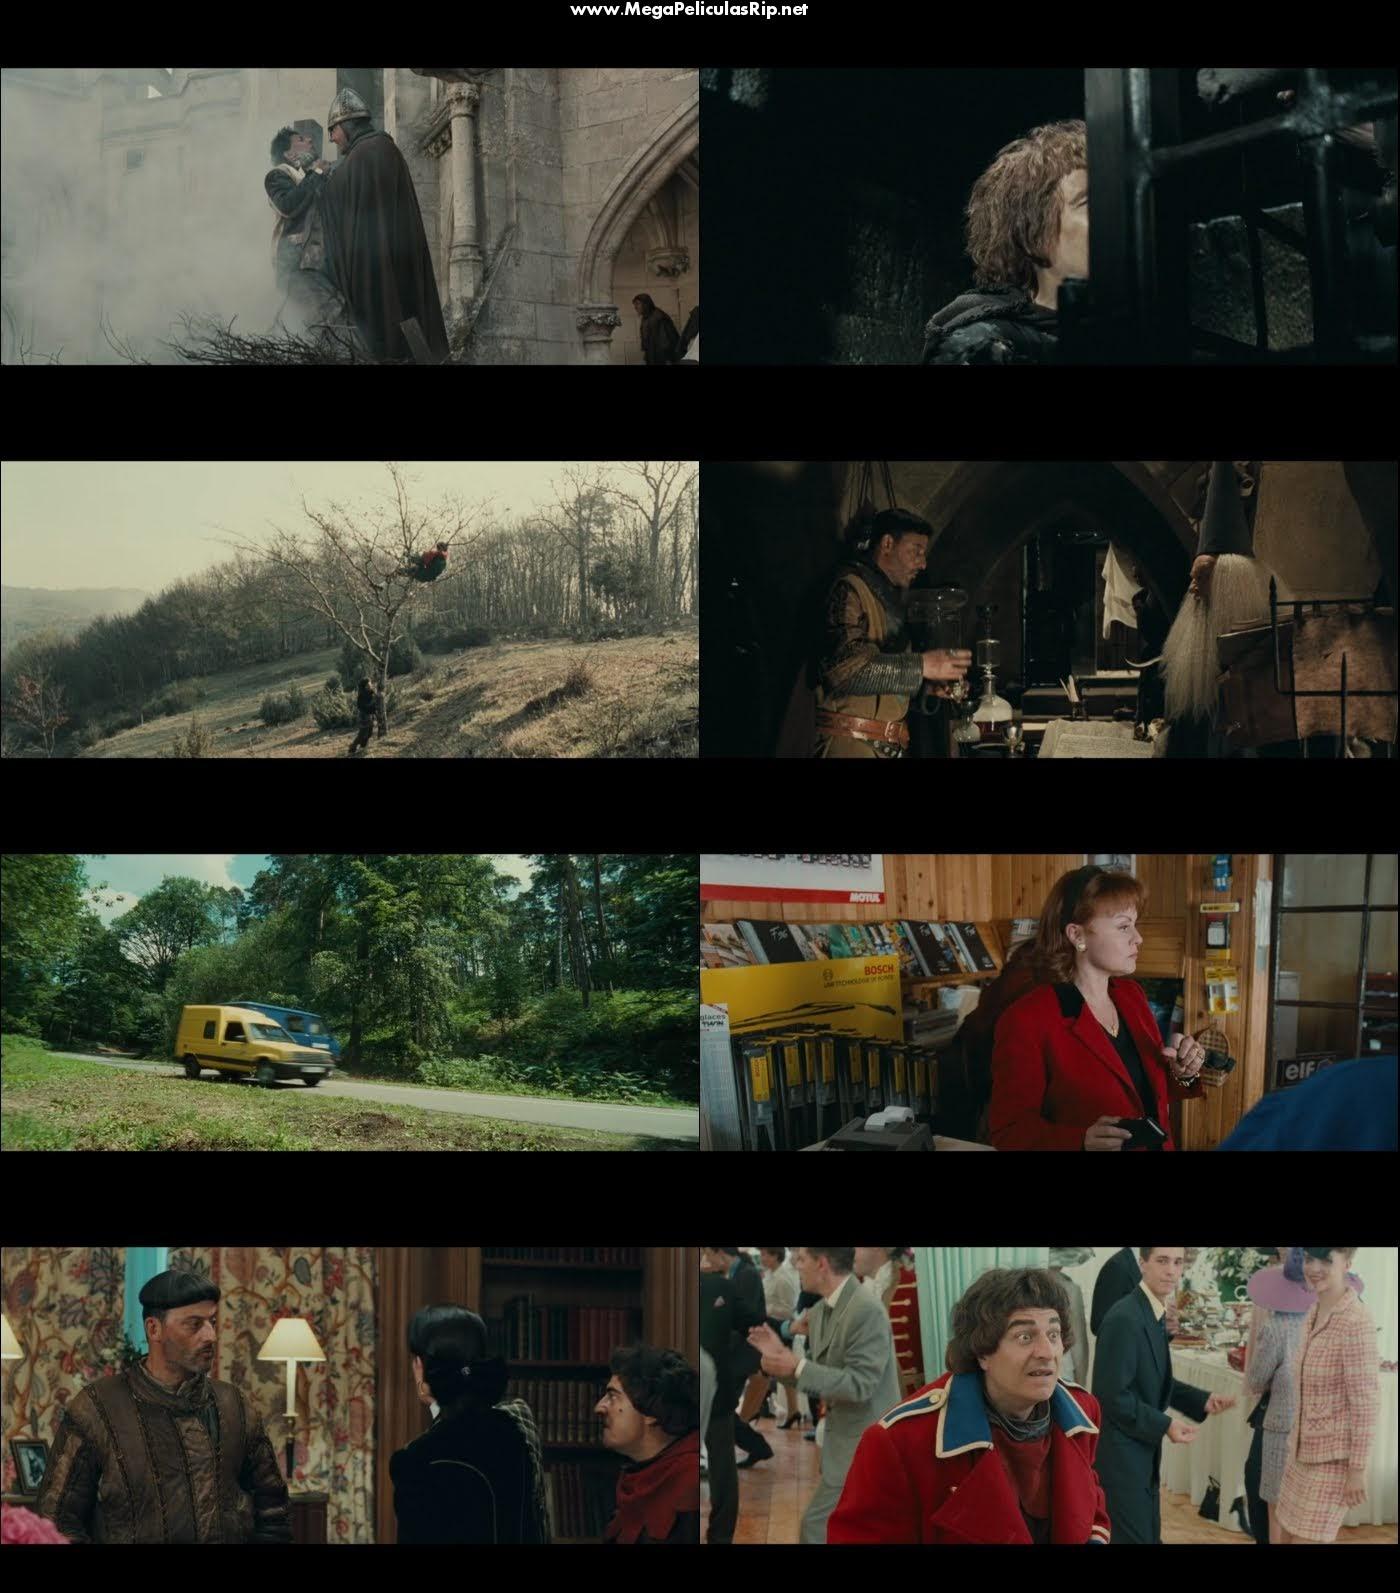 Los Visitantes Regresan Por El Tunel Del Tiempo 1080p